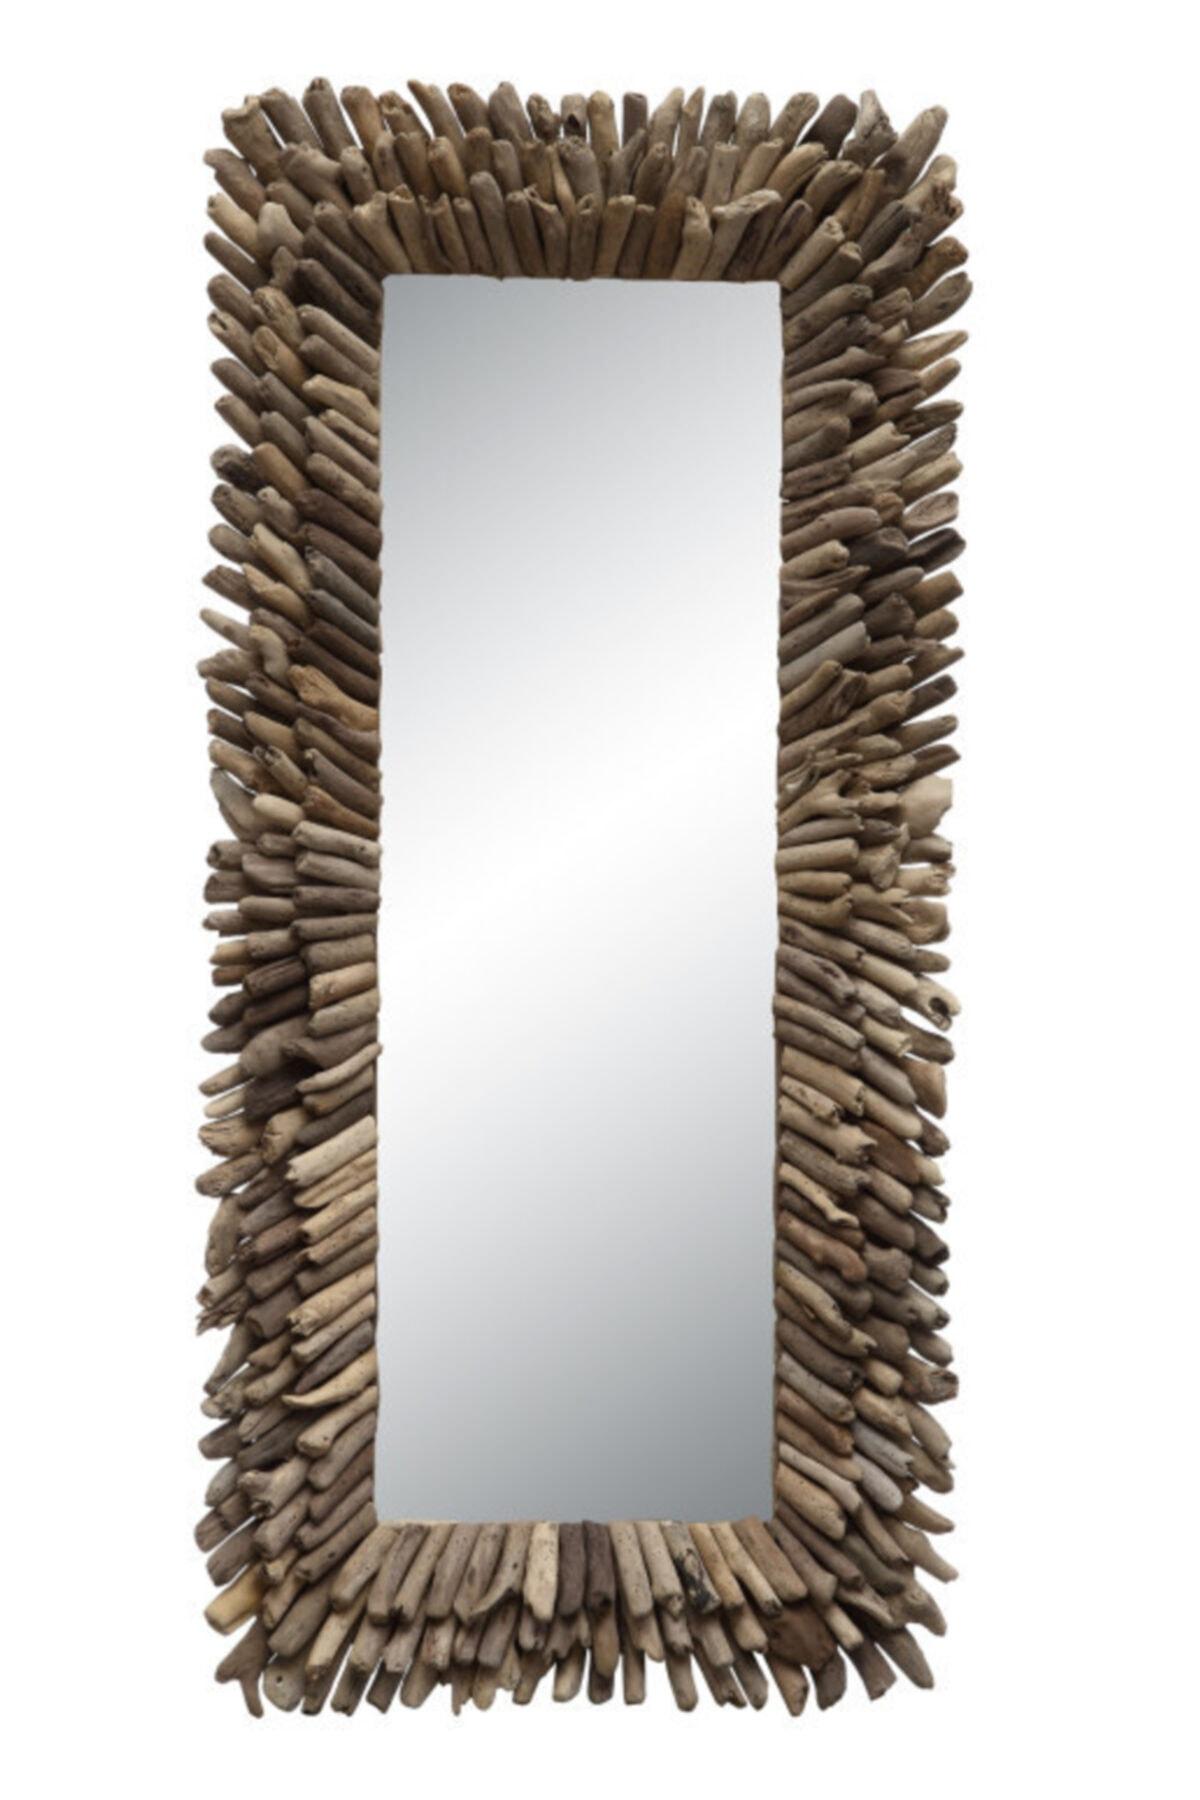 Warm Design Odun Parçacıkları Ayna 1